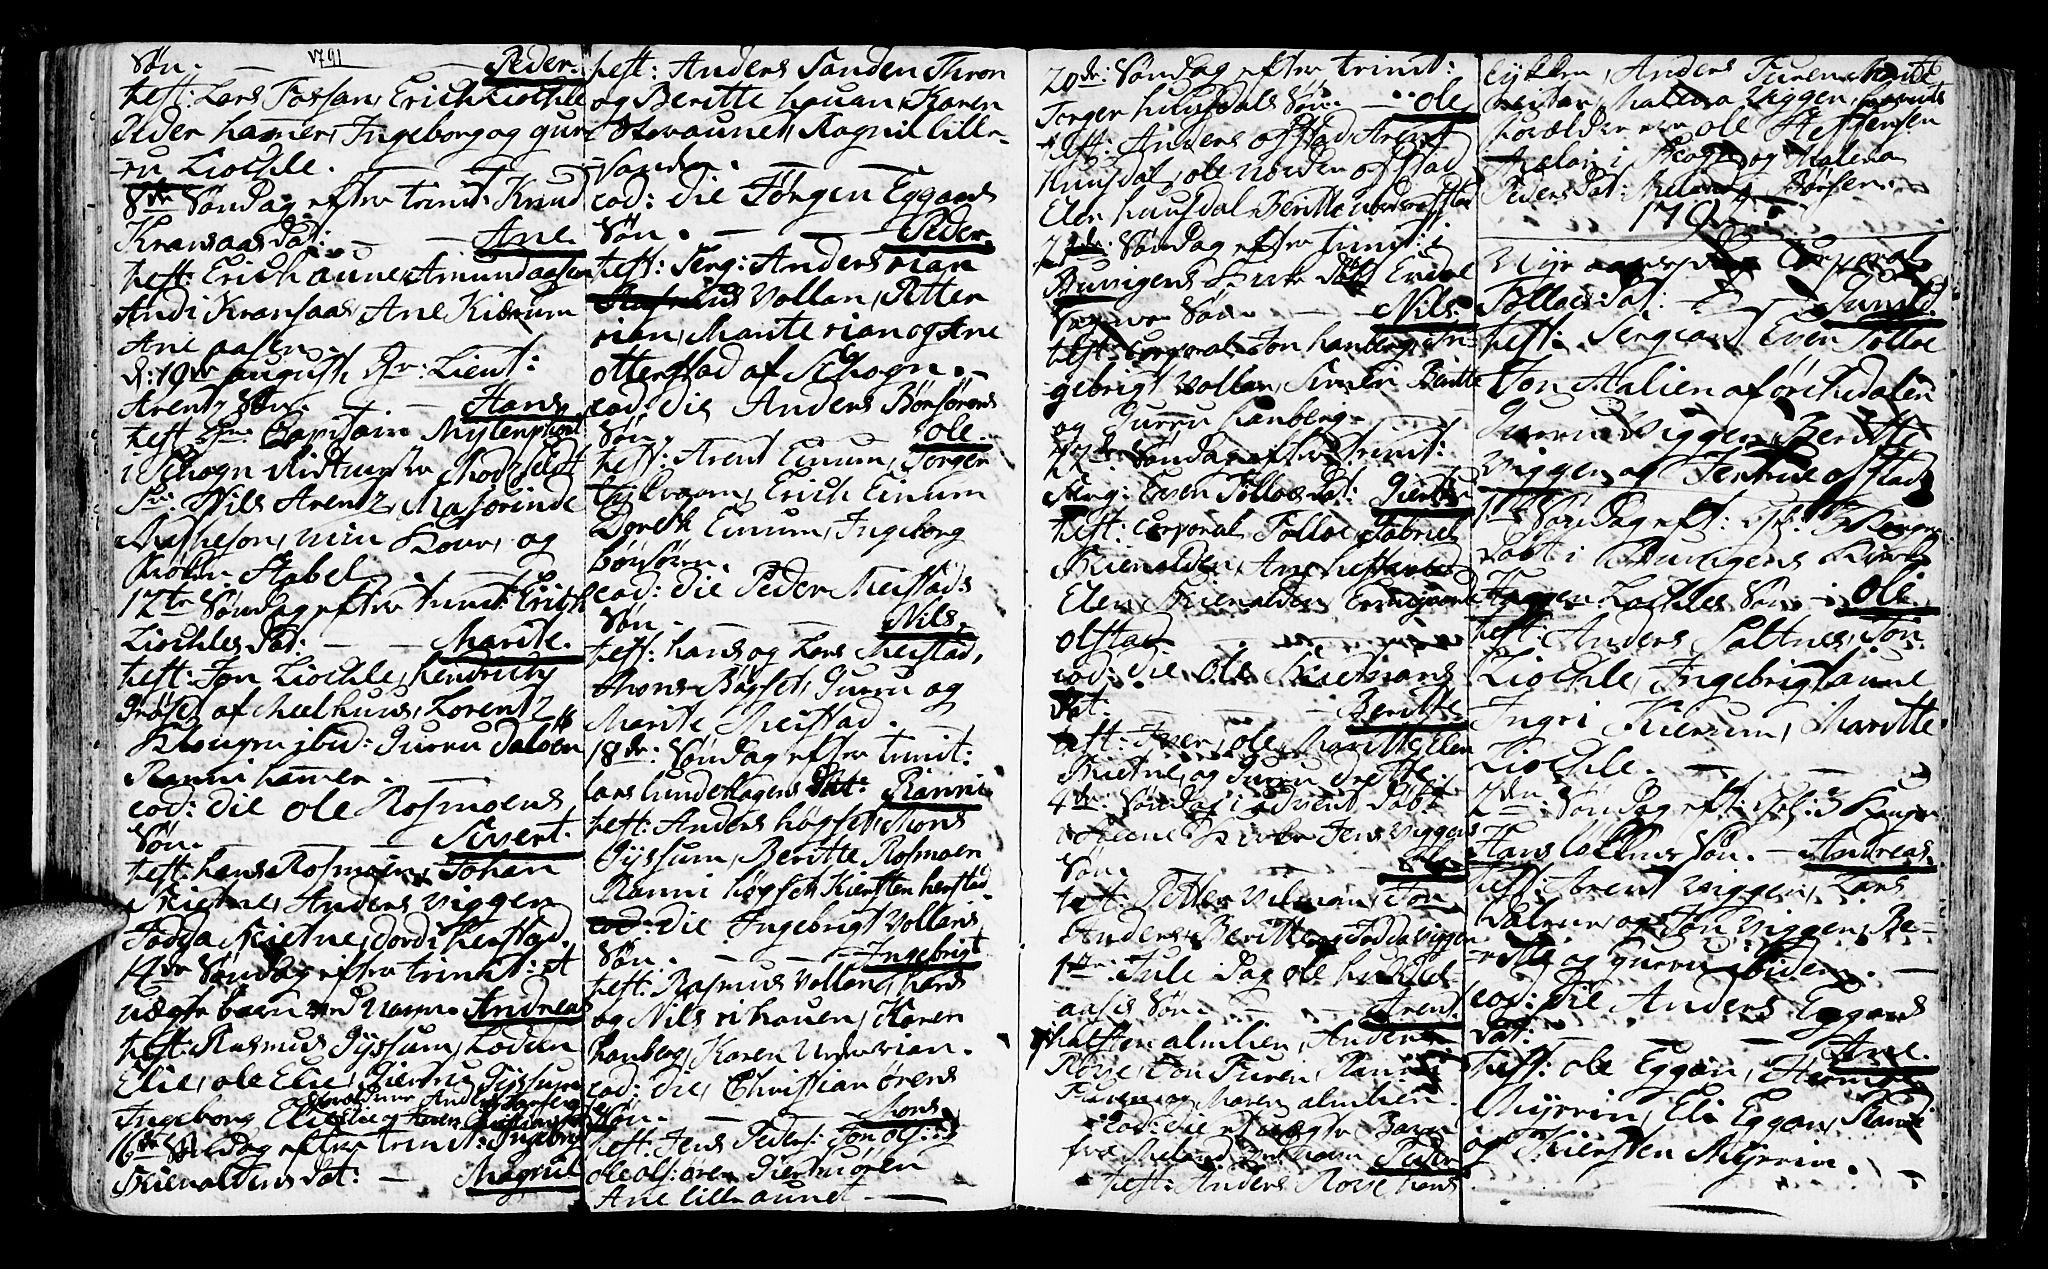 SAT, Ministerialprotokoller, klokkerbøker og fødselsregistre - Sør-Trøndelag, 665/L0768: Ministerialbok nr. 665A03, 1754-1803, s. 96